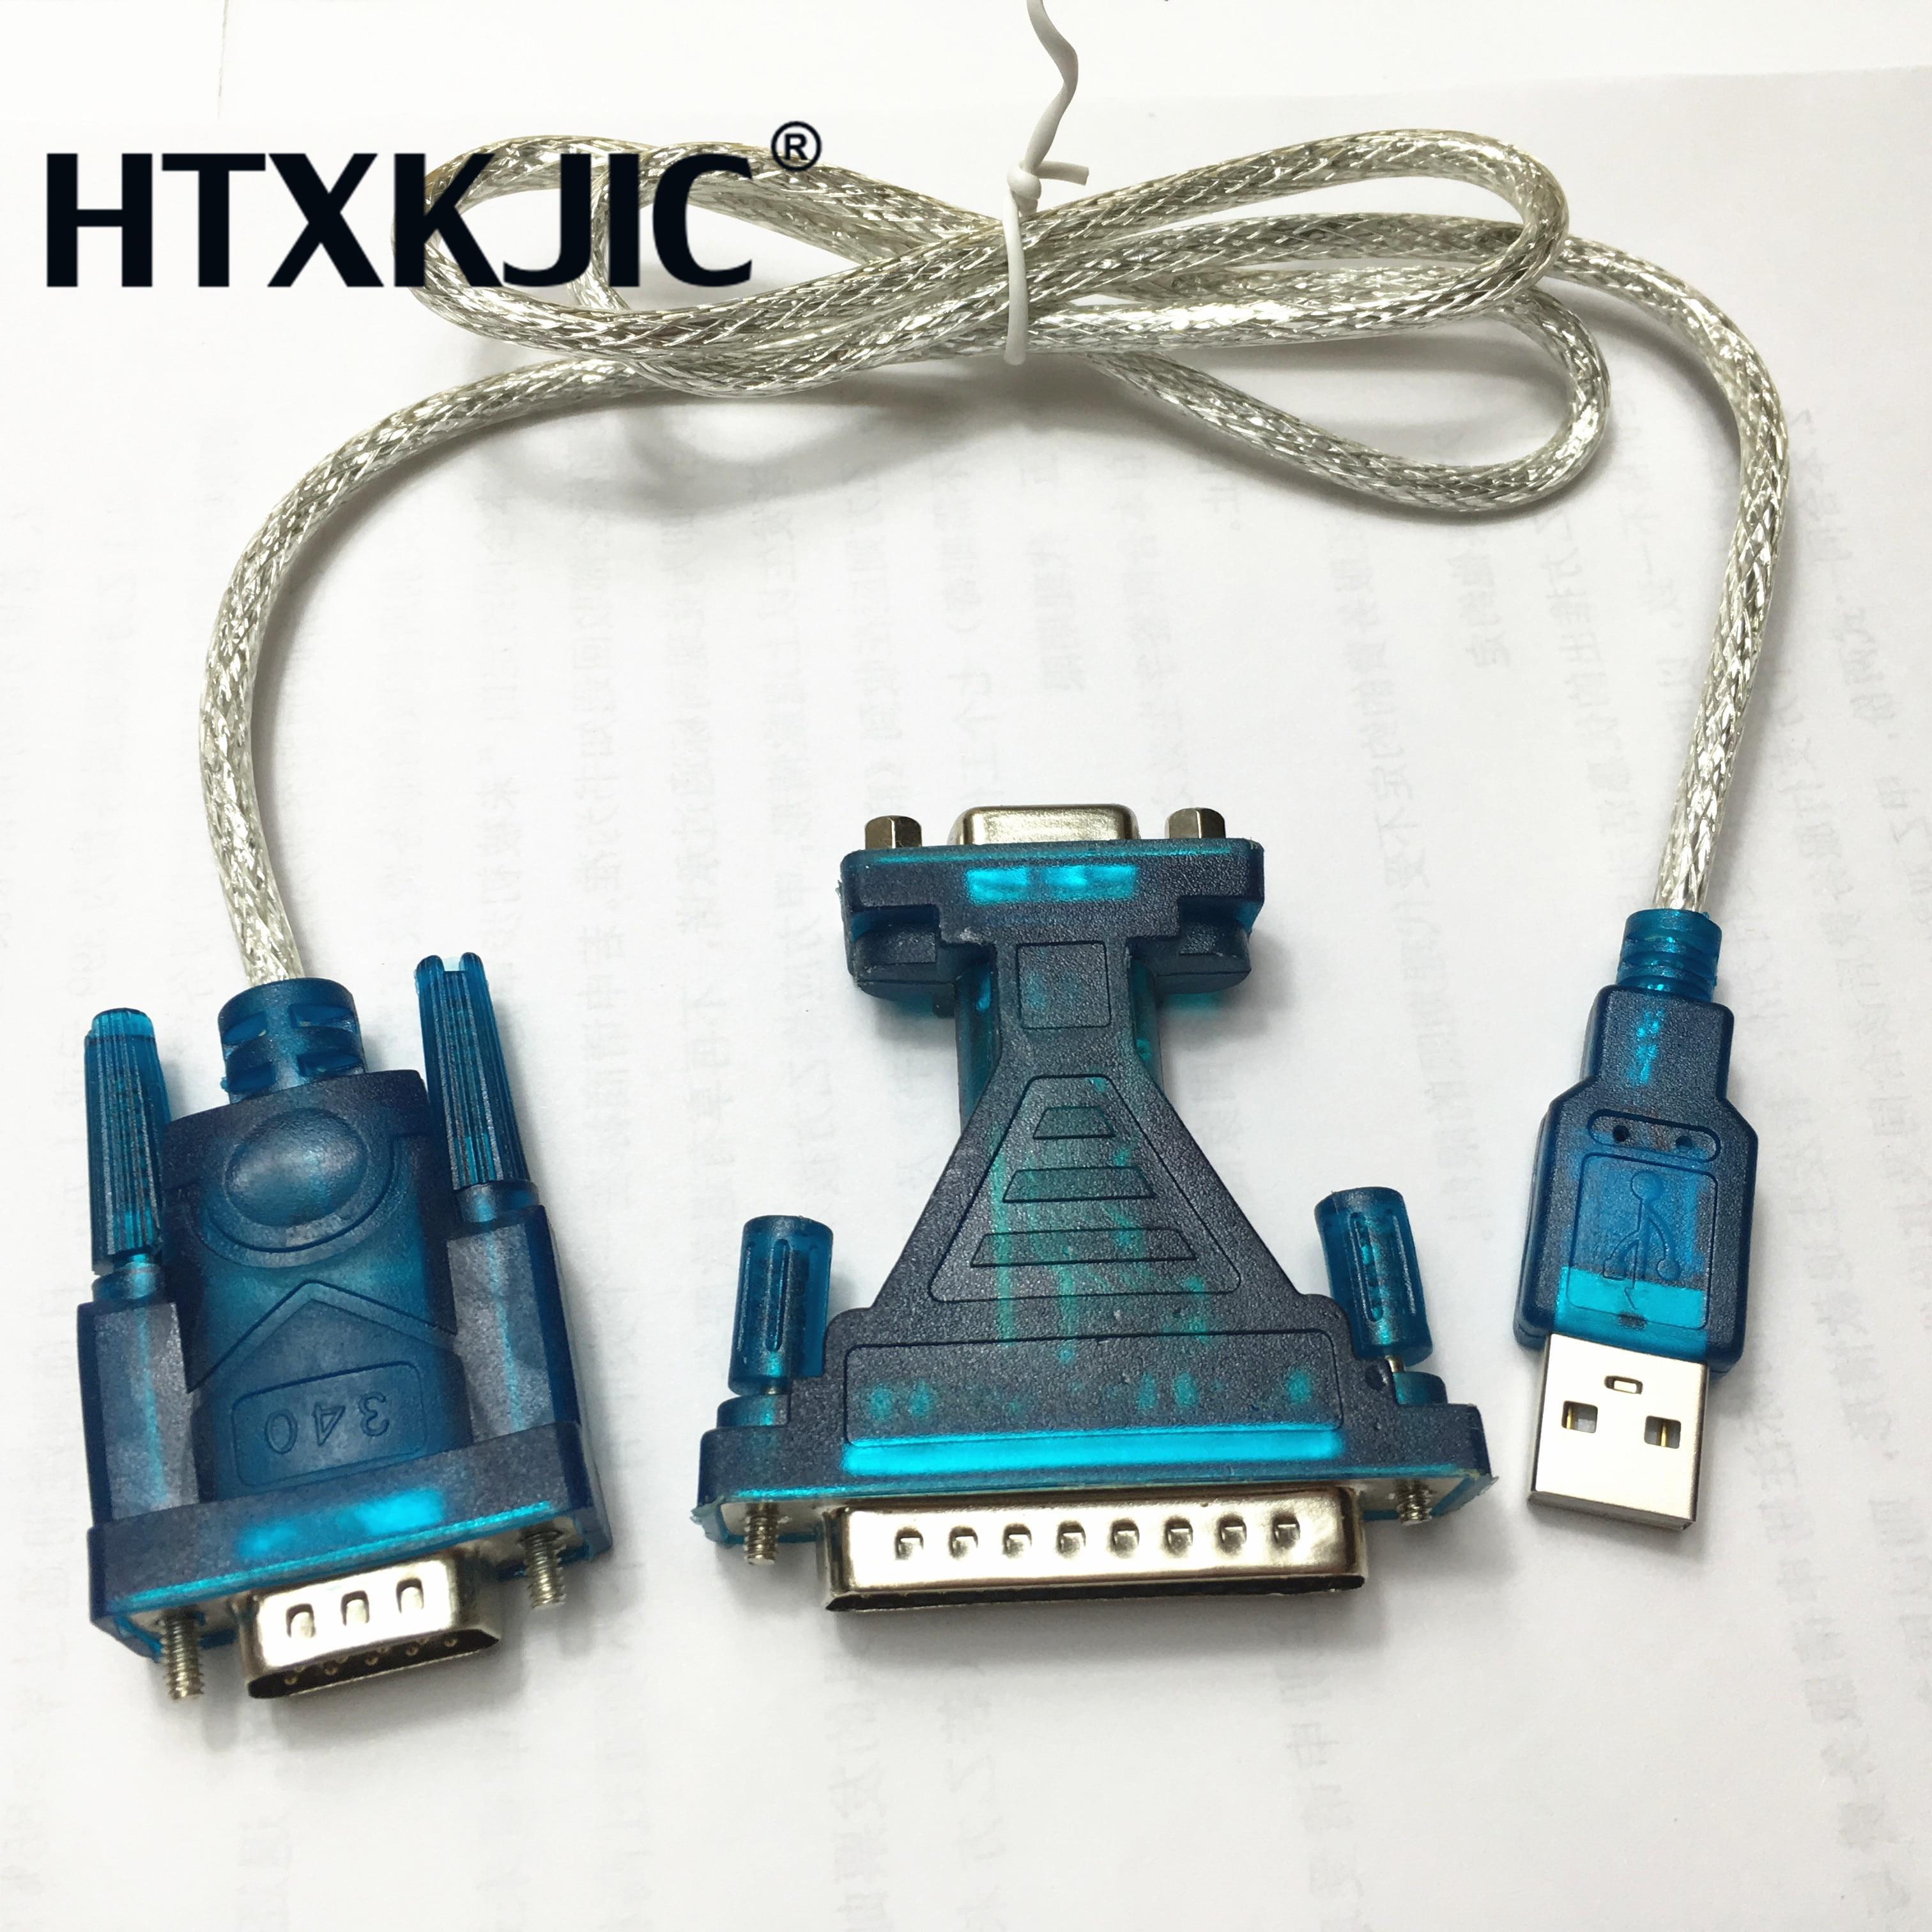 Novo usb 2.0 para rs232 com porta 9 pinos serial db25 db9 adaptador cabo conversor